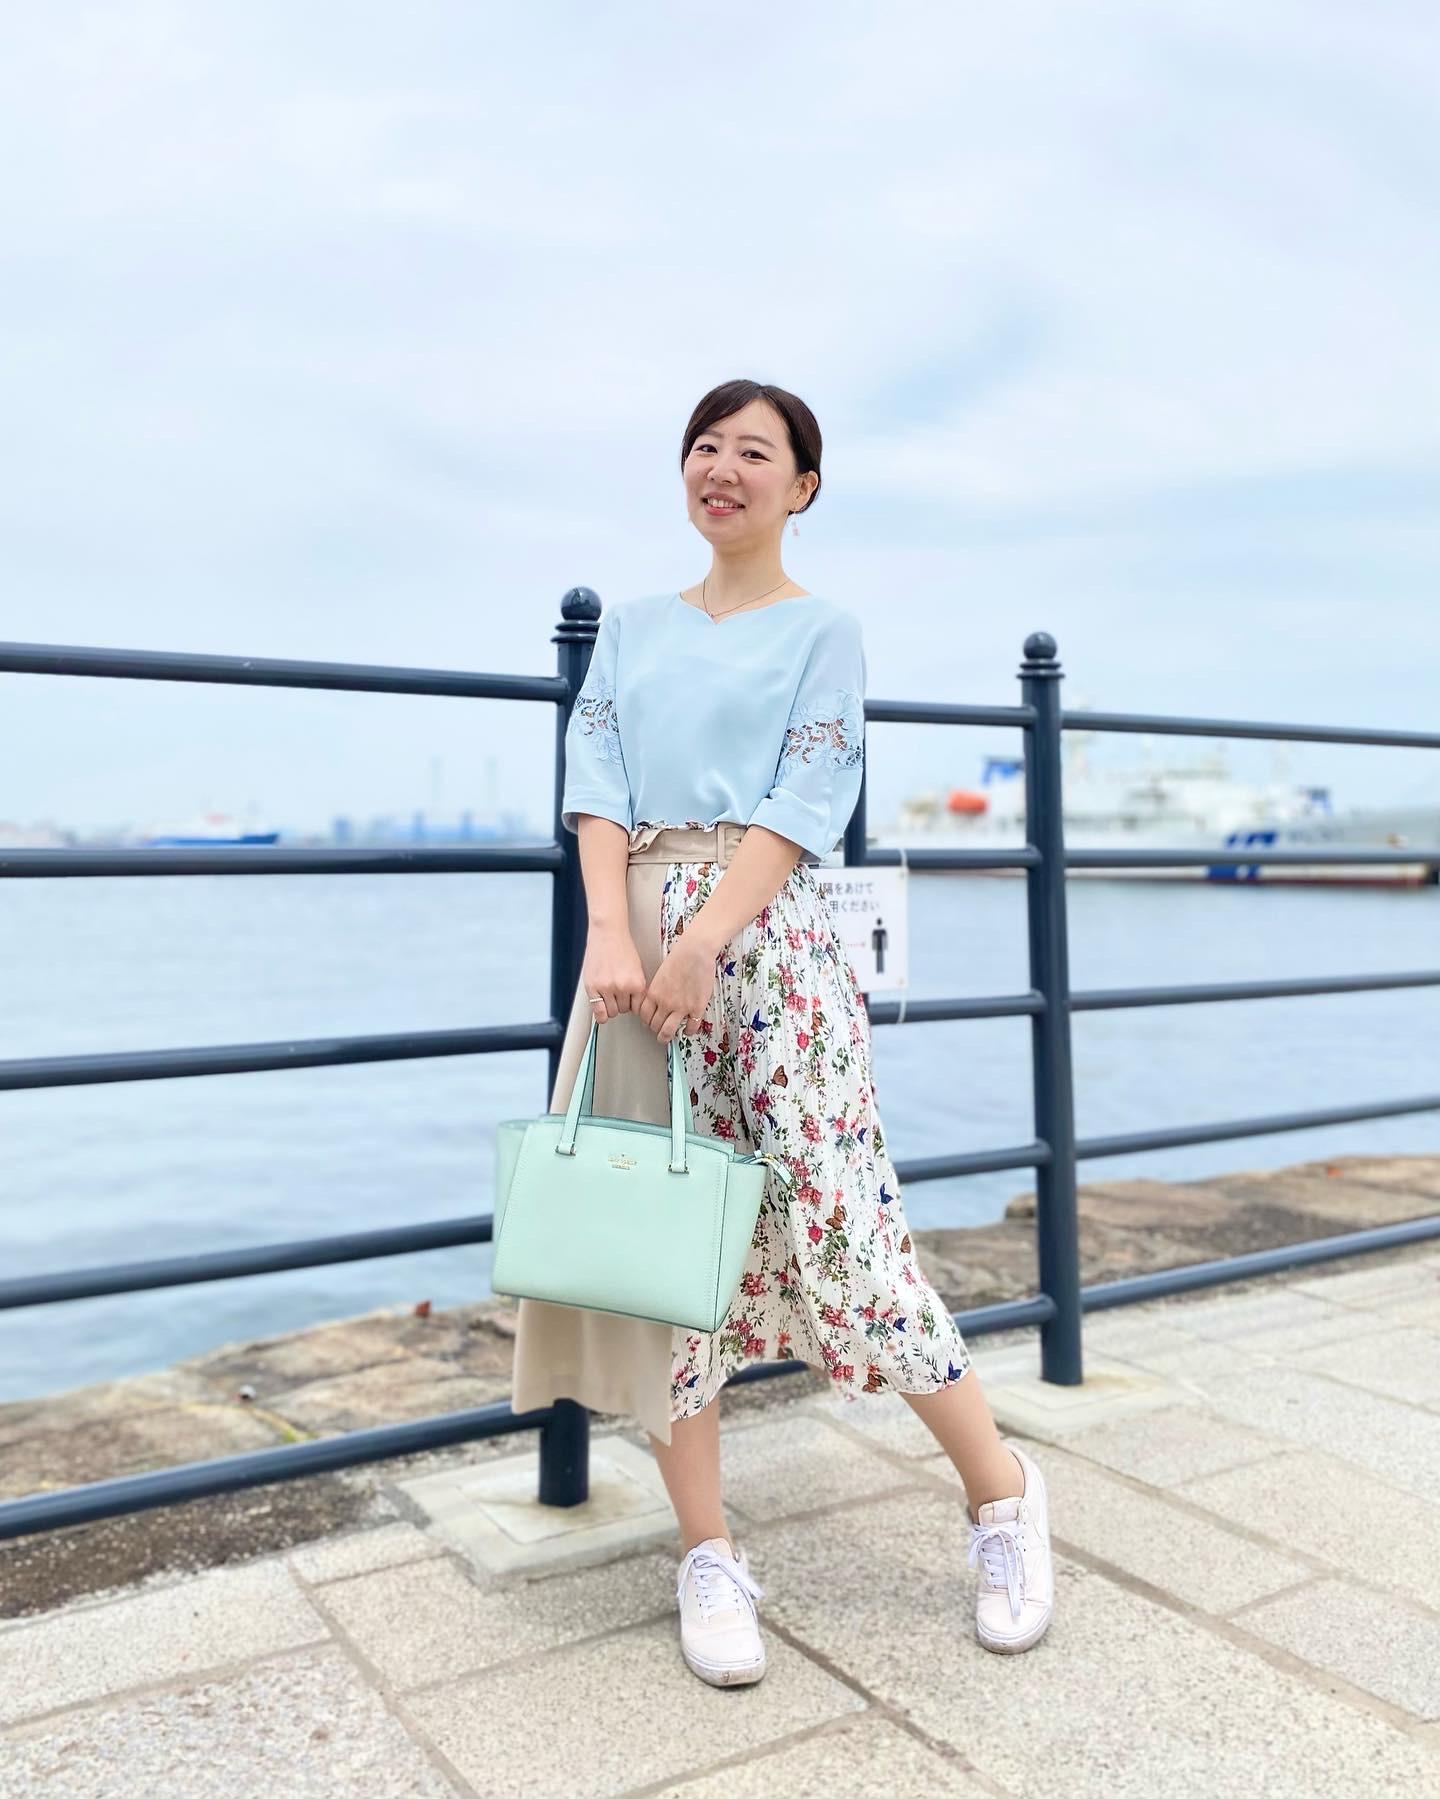 女子アナがよく着用しているTONALでお散歩コーデ_2